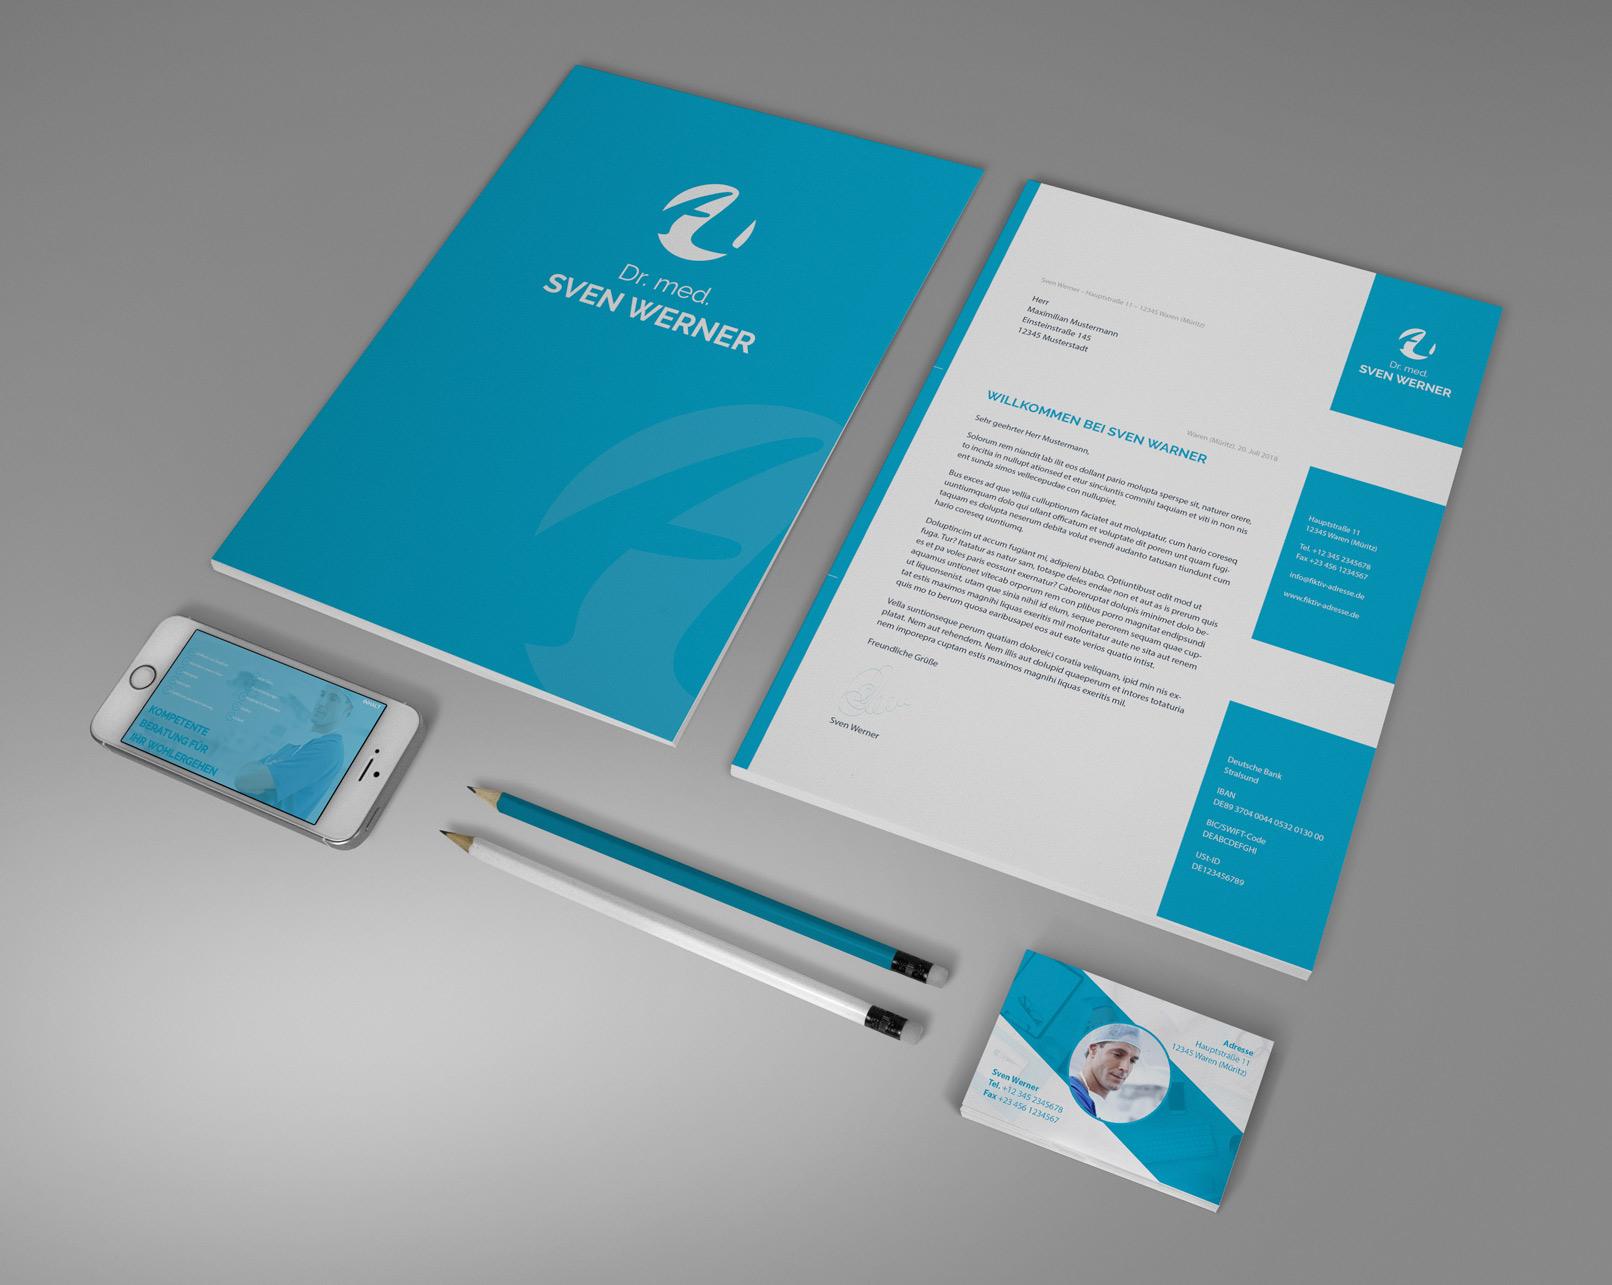 Mockup mit A4-Seiten, Visitenkarte, Stiften und Handy